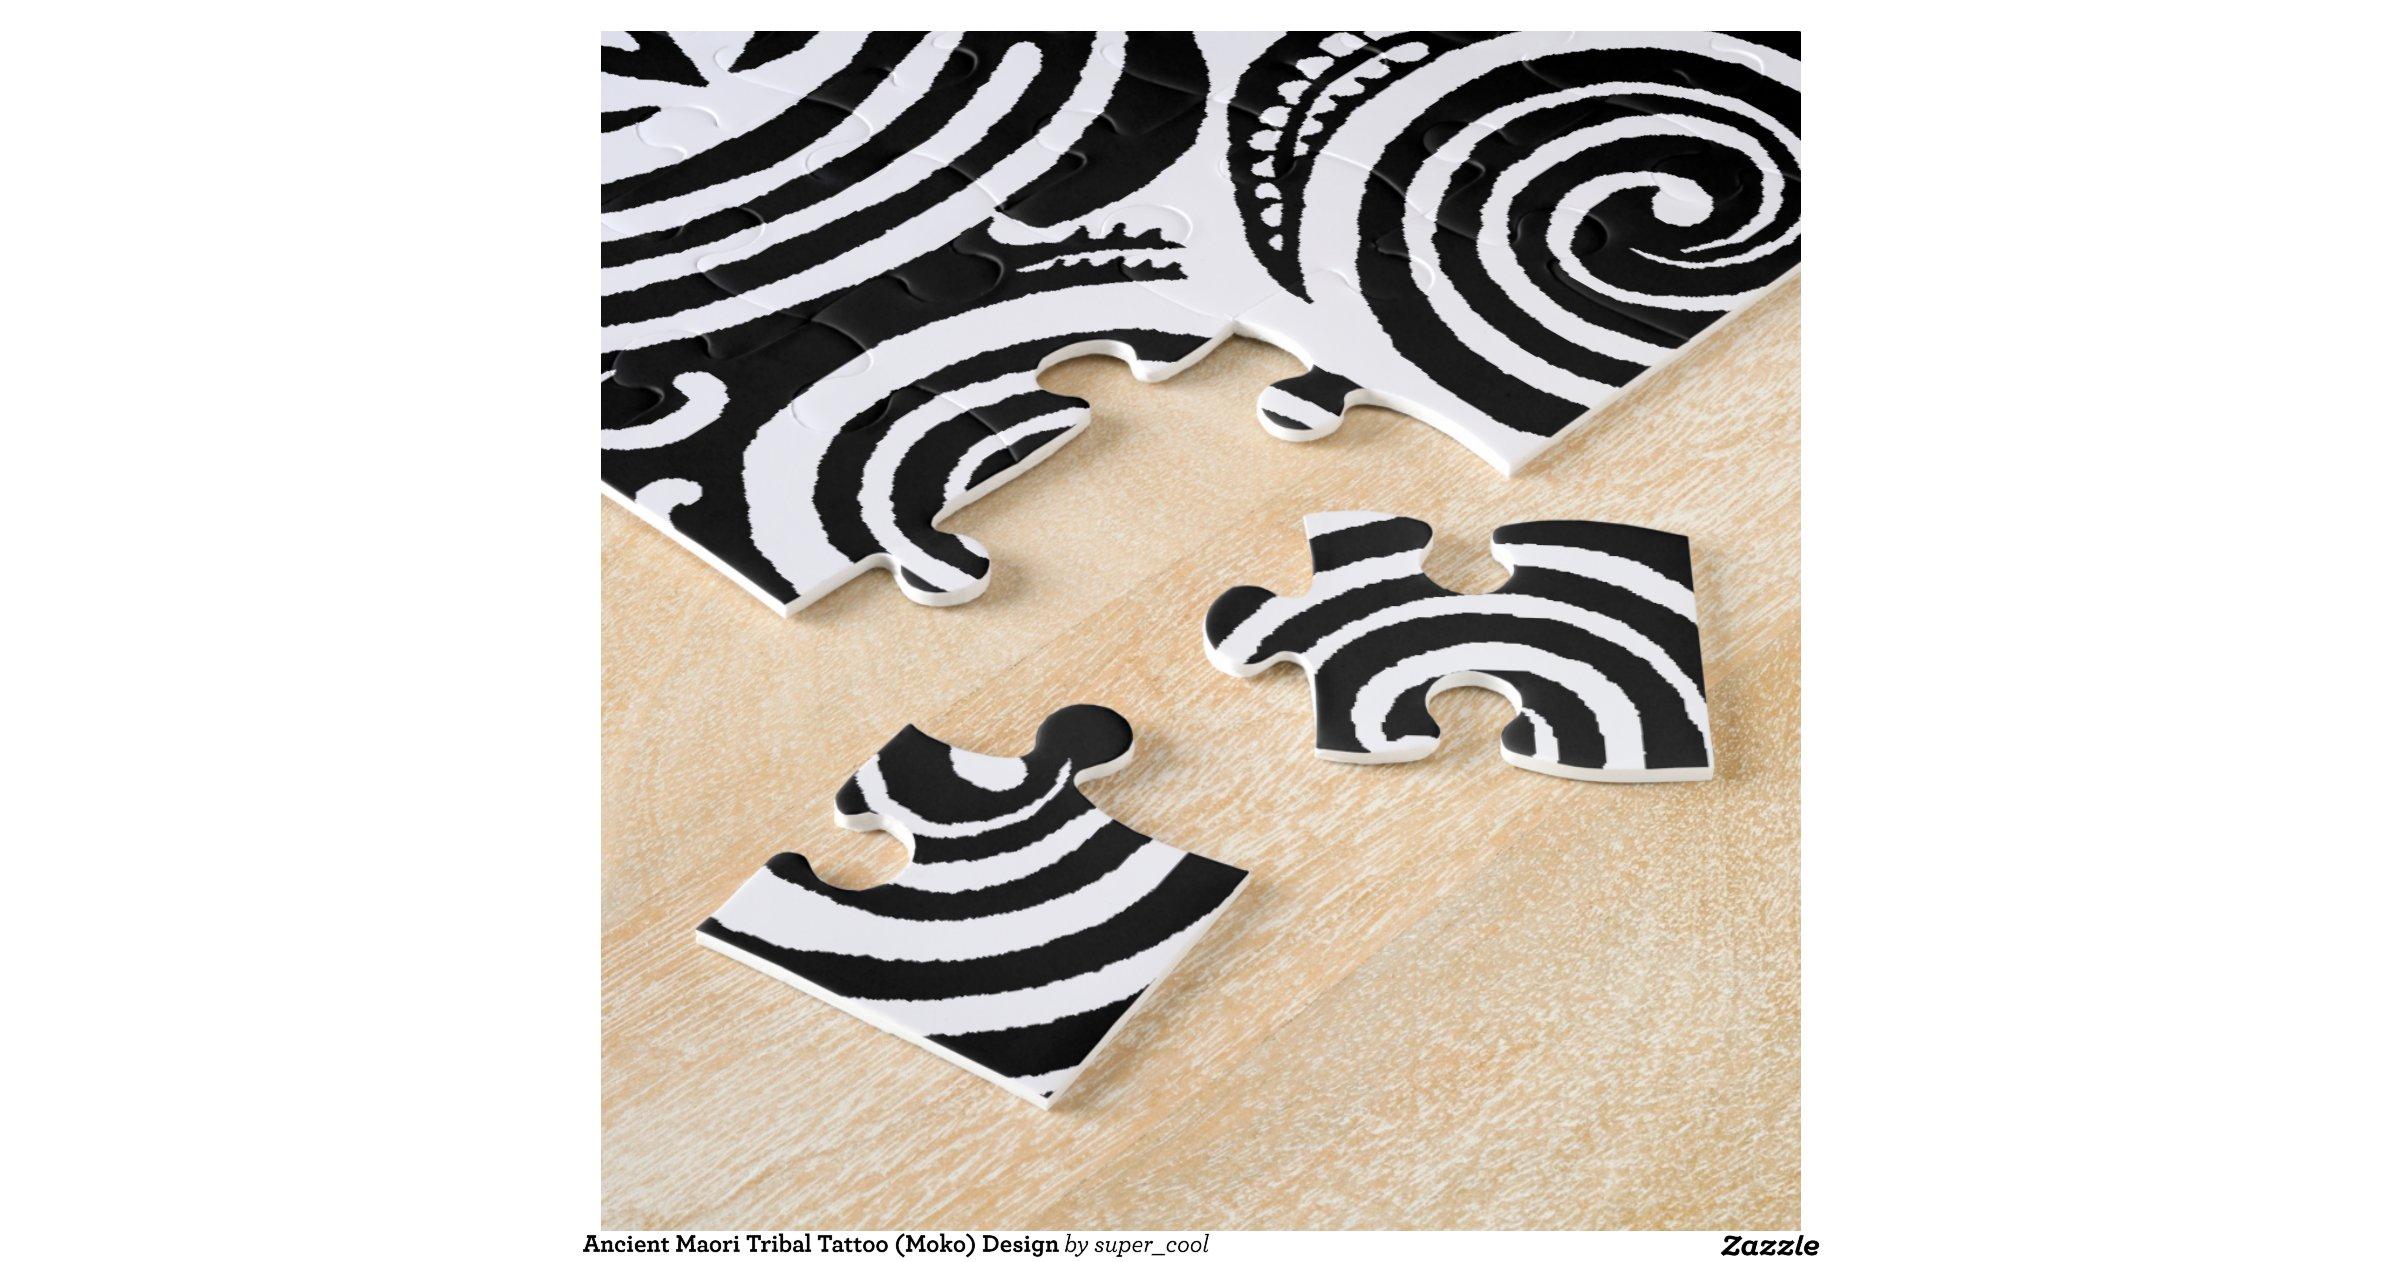 Maori Tattoo Uk: Ancient Maori Tribal Tattoo (Moko) Design Jigsaw Puzzle